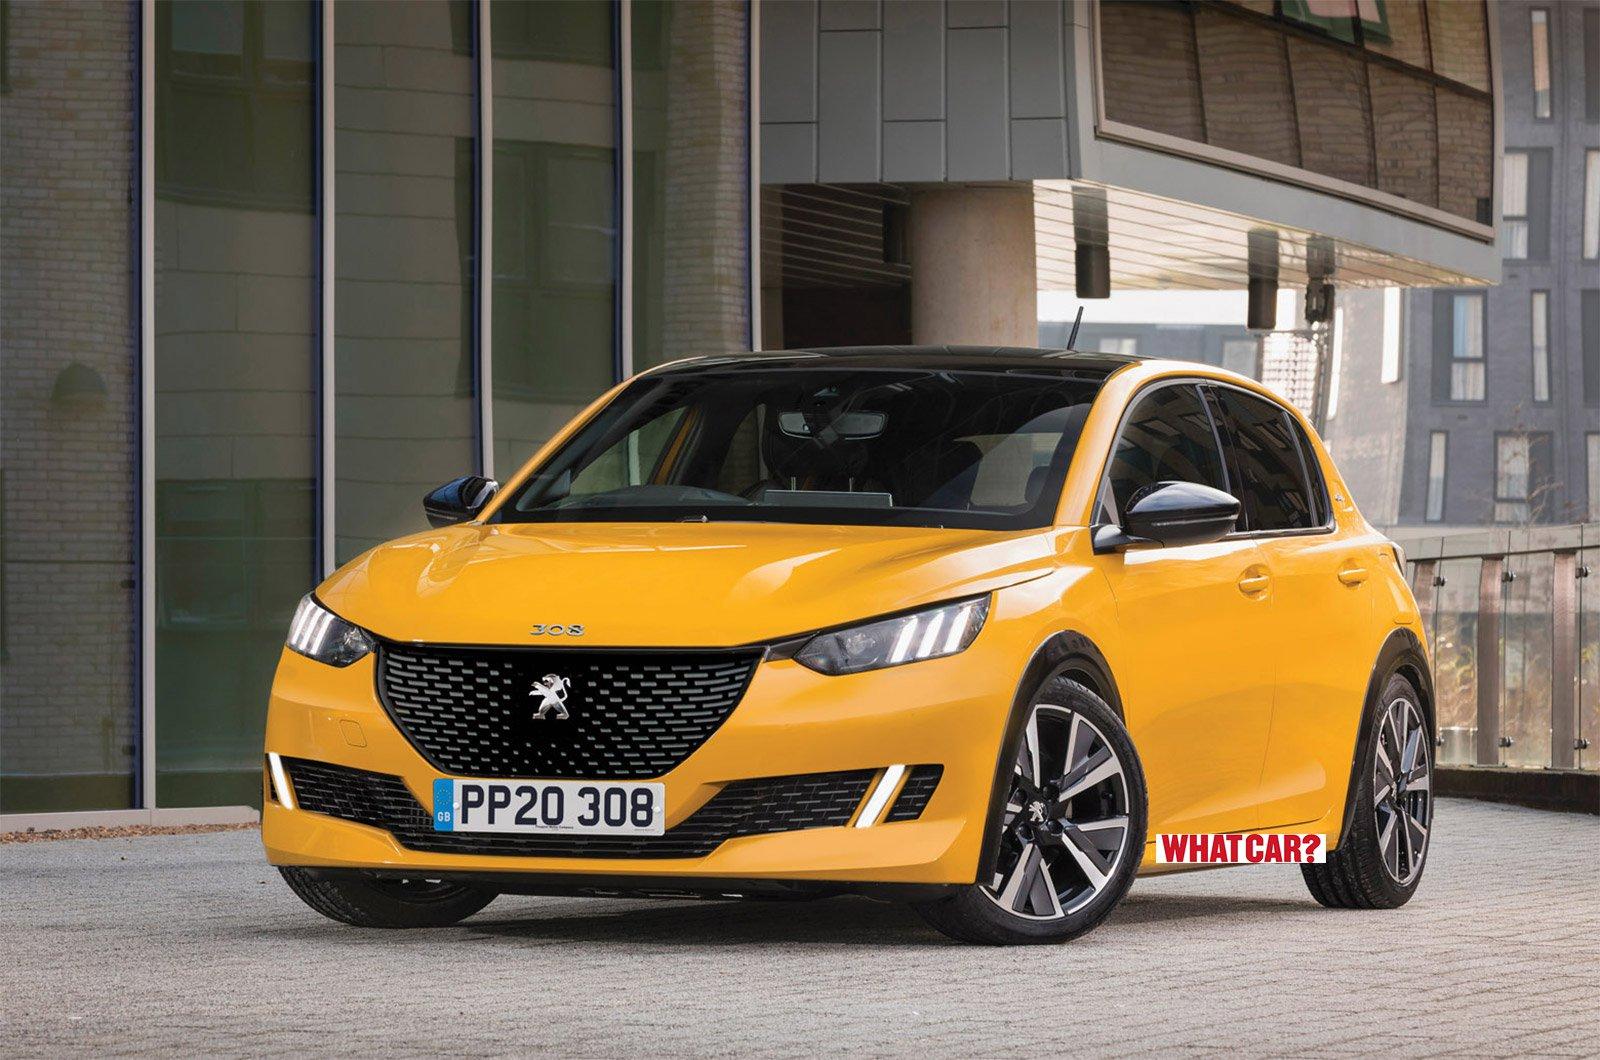 Peugeot 308 2021 render What Car watermark